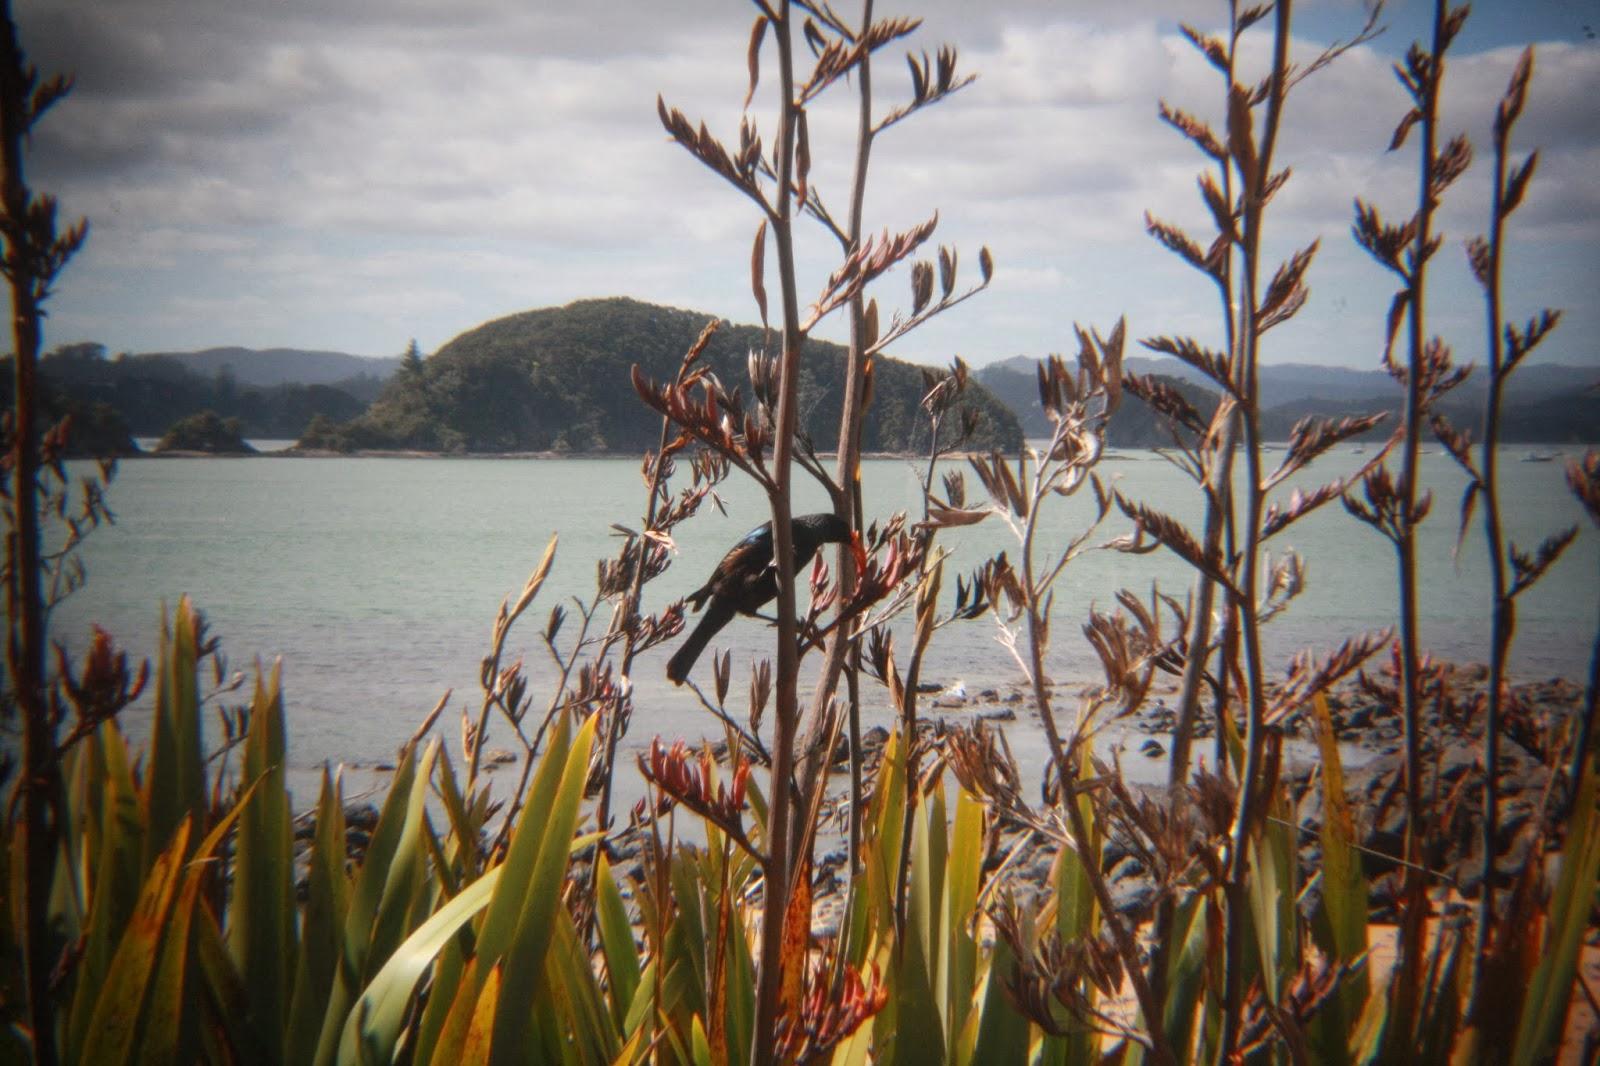 A tui feasts on flax at Waitangi.